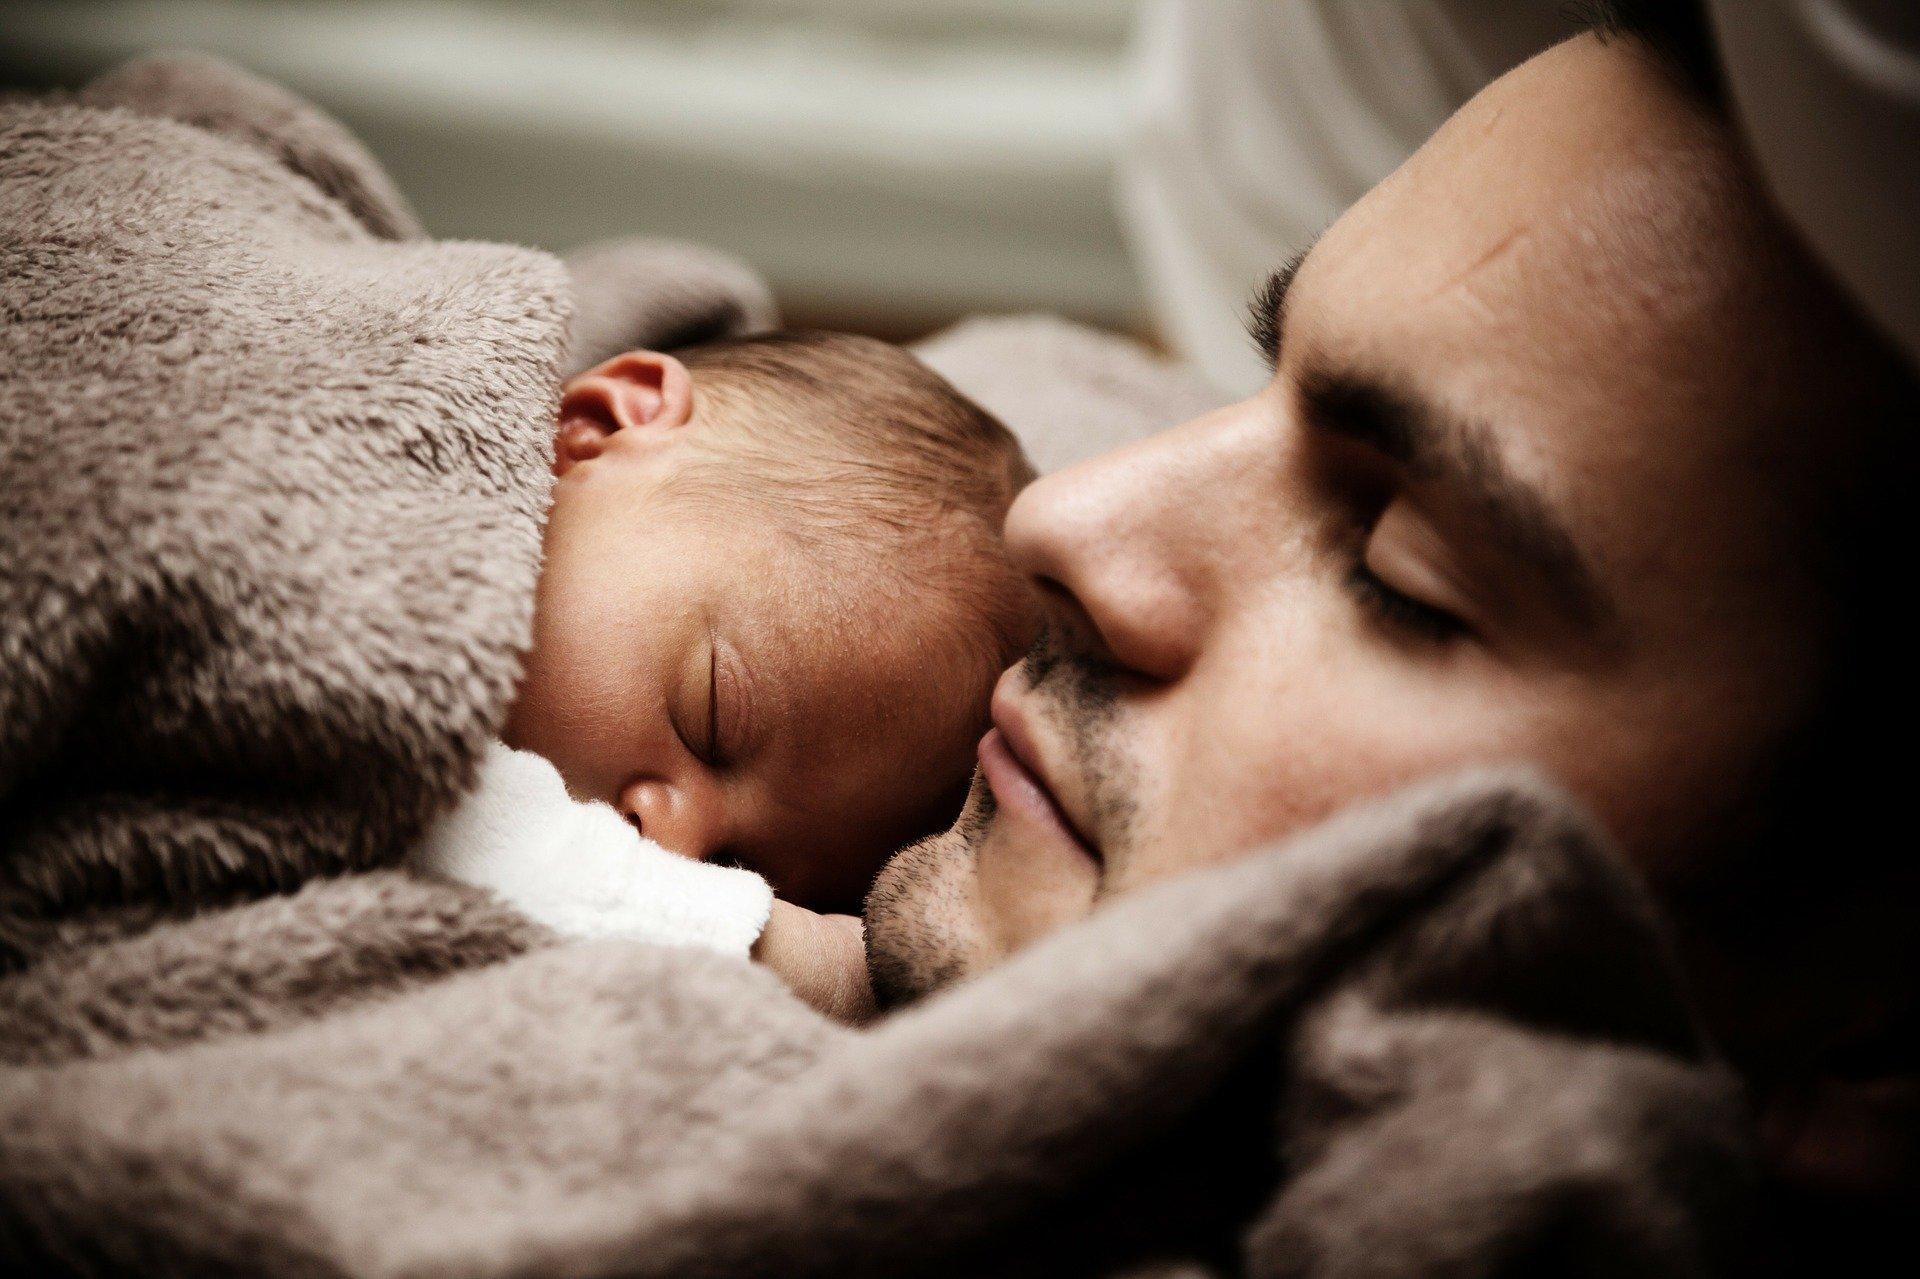 baby 22194 1920.jpg?resize=412,275 - La kiné respiratoire n'est plus recommandée pour soigner la bronchiolite